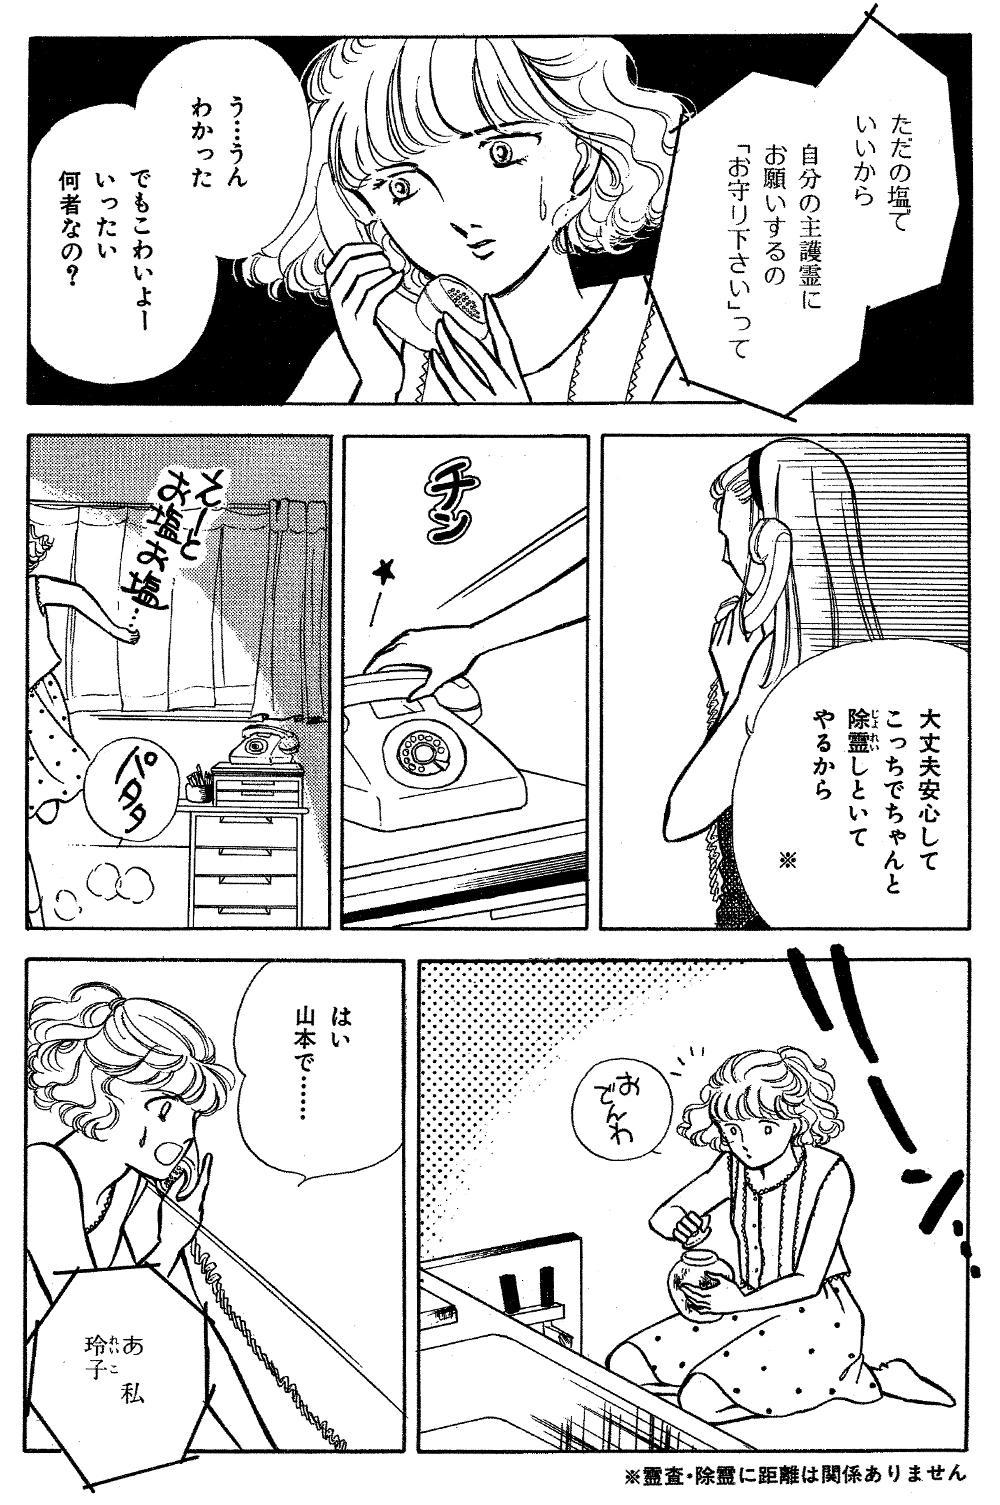 魔百合の恐怖報告 第1話「部屋の隅の白い影」②mayuri22.jpg